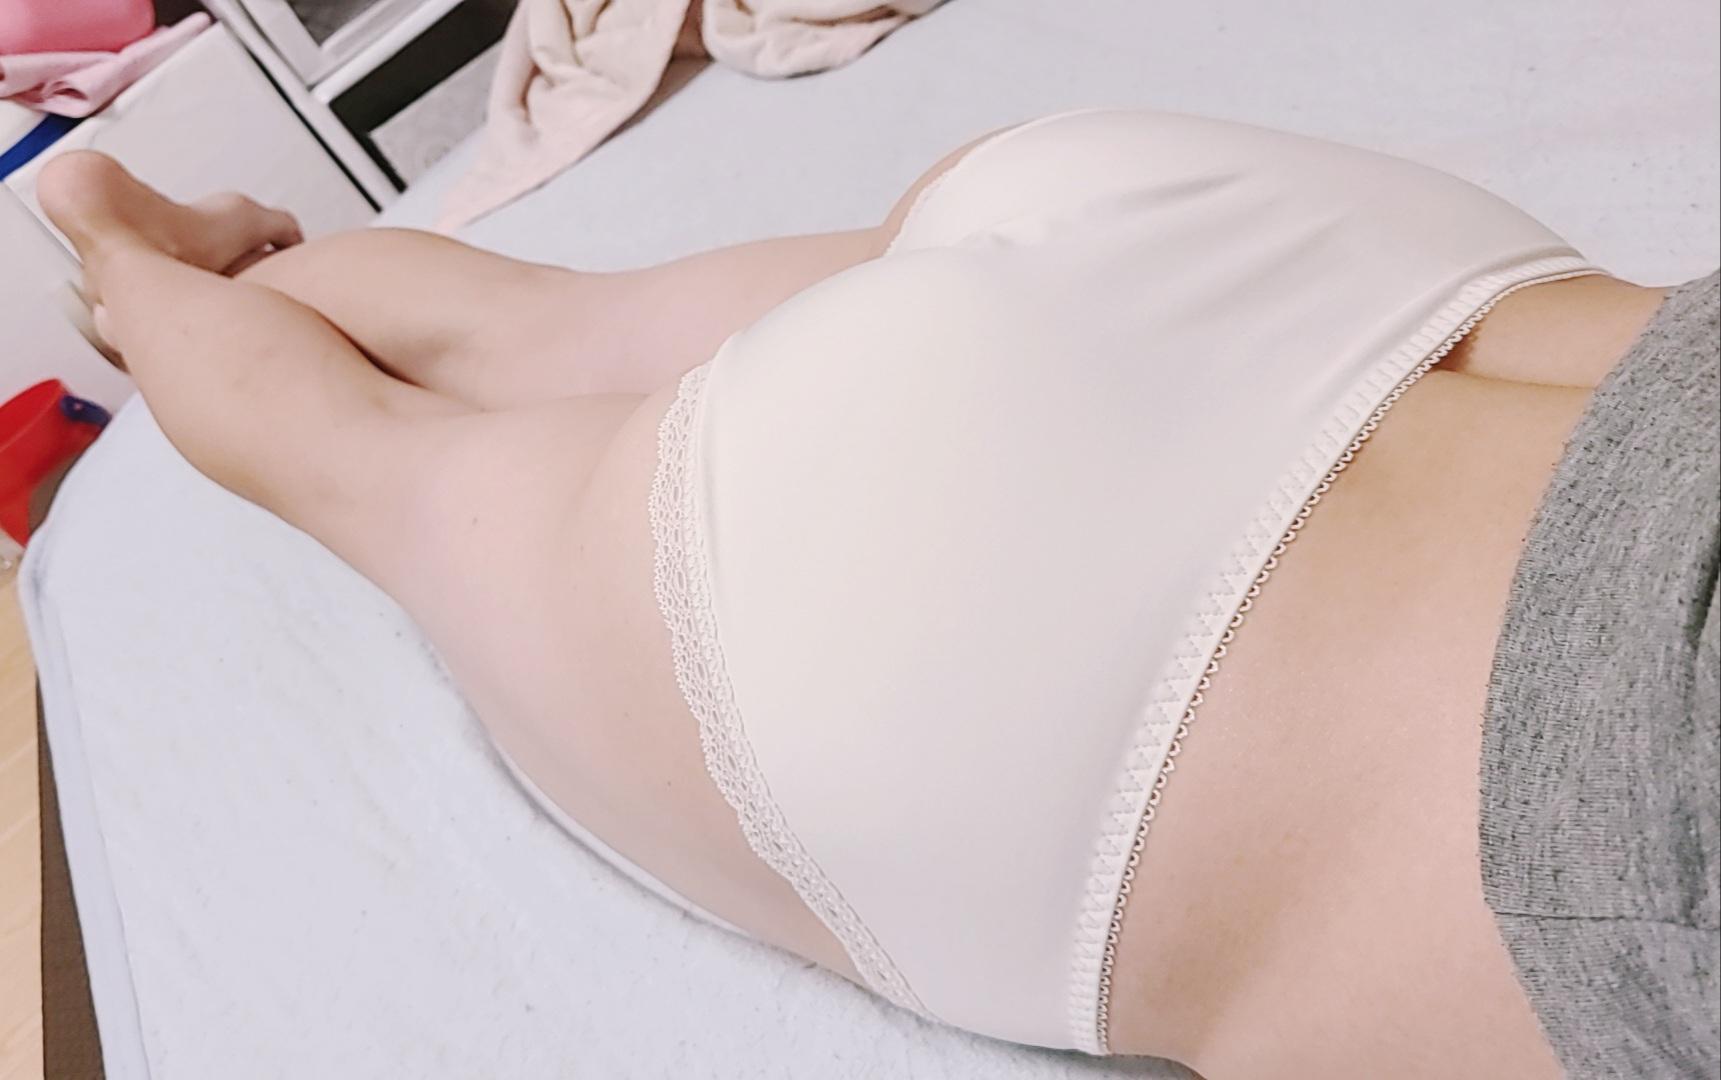 パンツ姿の女の子に股間がもっこりするスレwwwwwwwwwwwwwwwwwww wDUEOXb